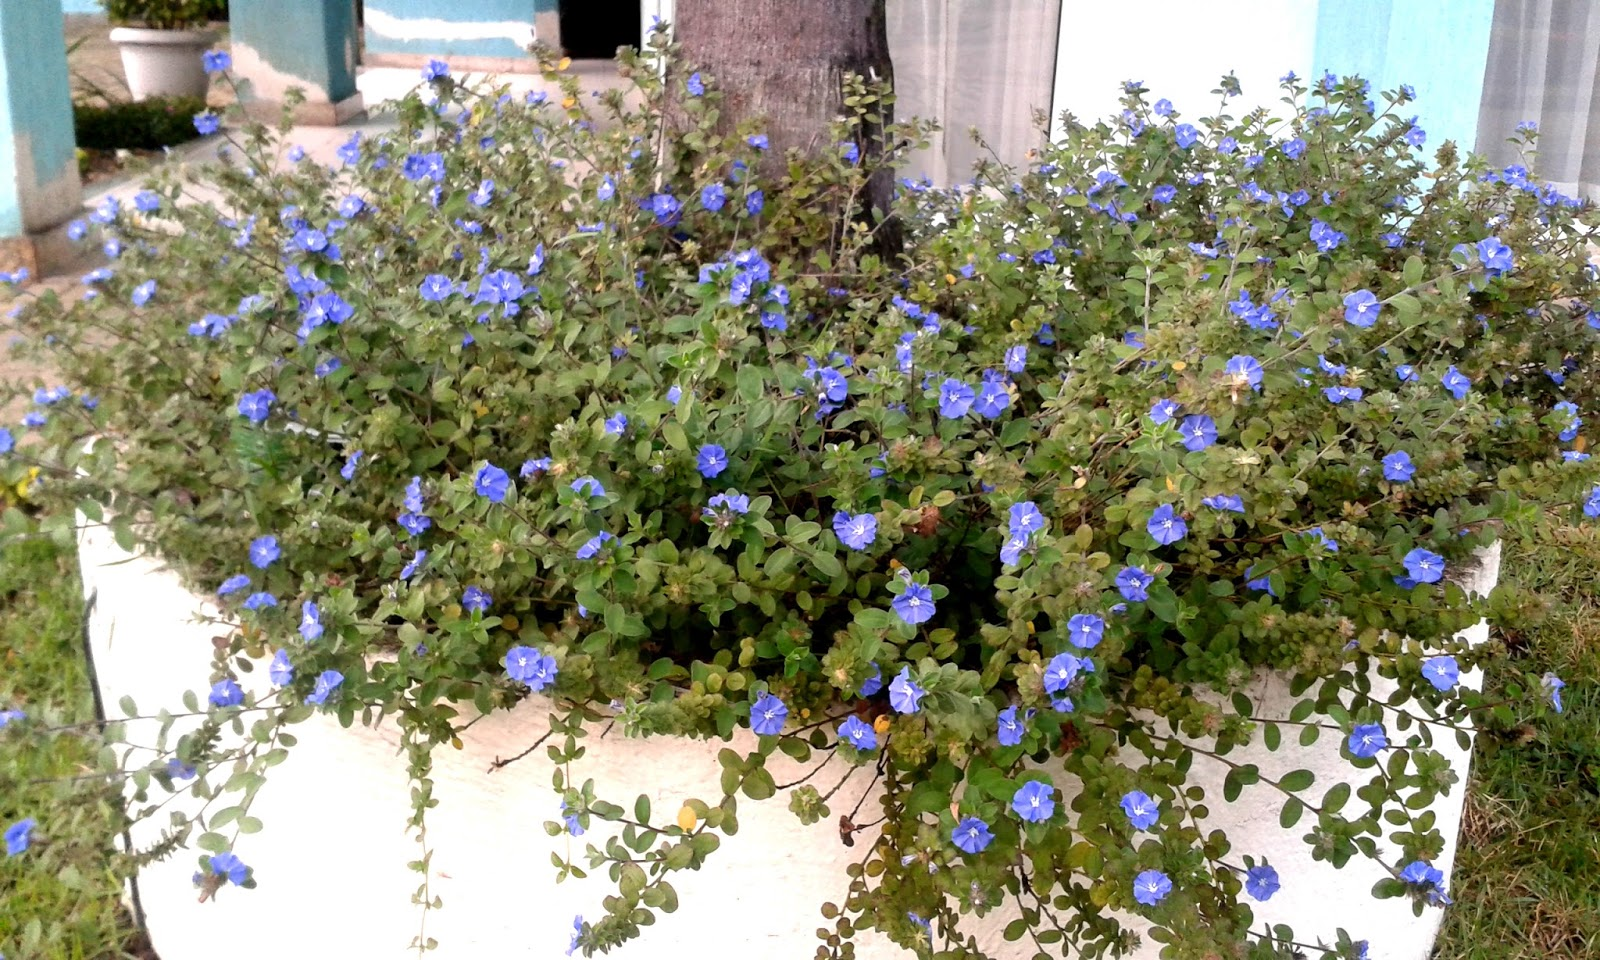 Planta rasteira azulzinha